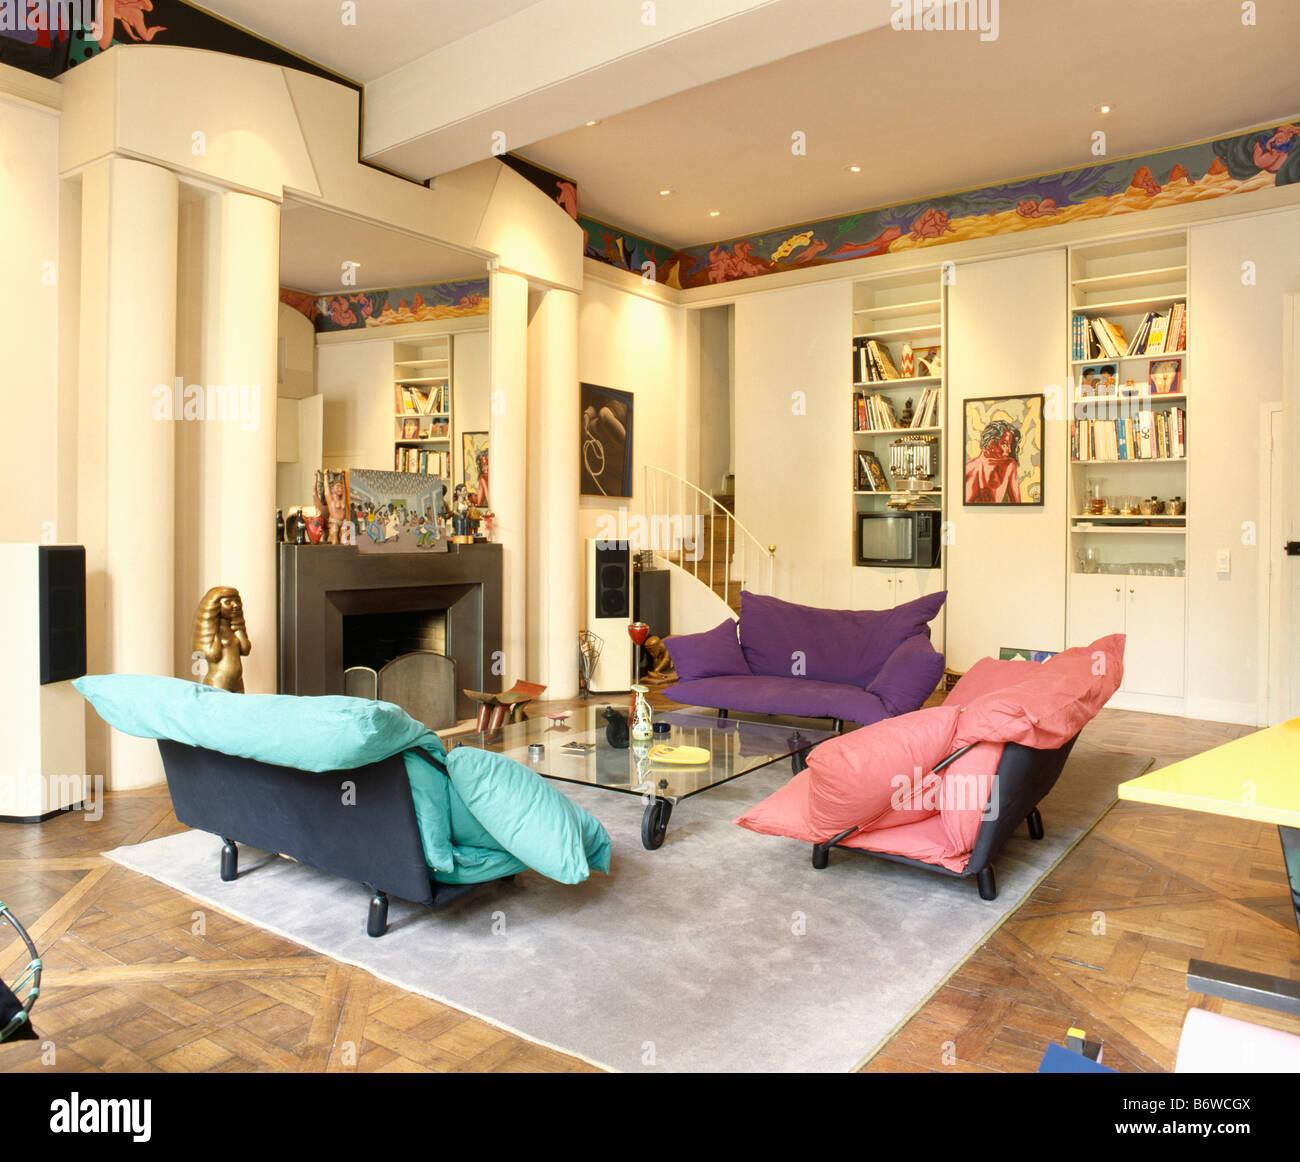 Große rosa und Türkis Kissen auf Sofas im Wohnzimmer mit Säulen auf ...